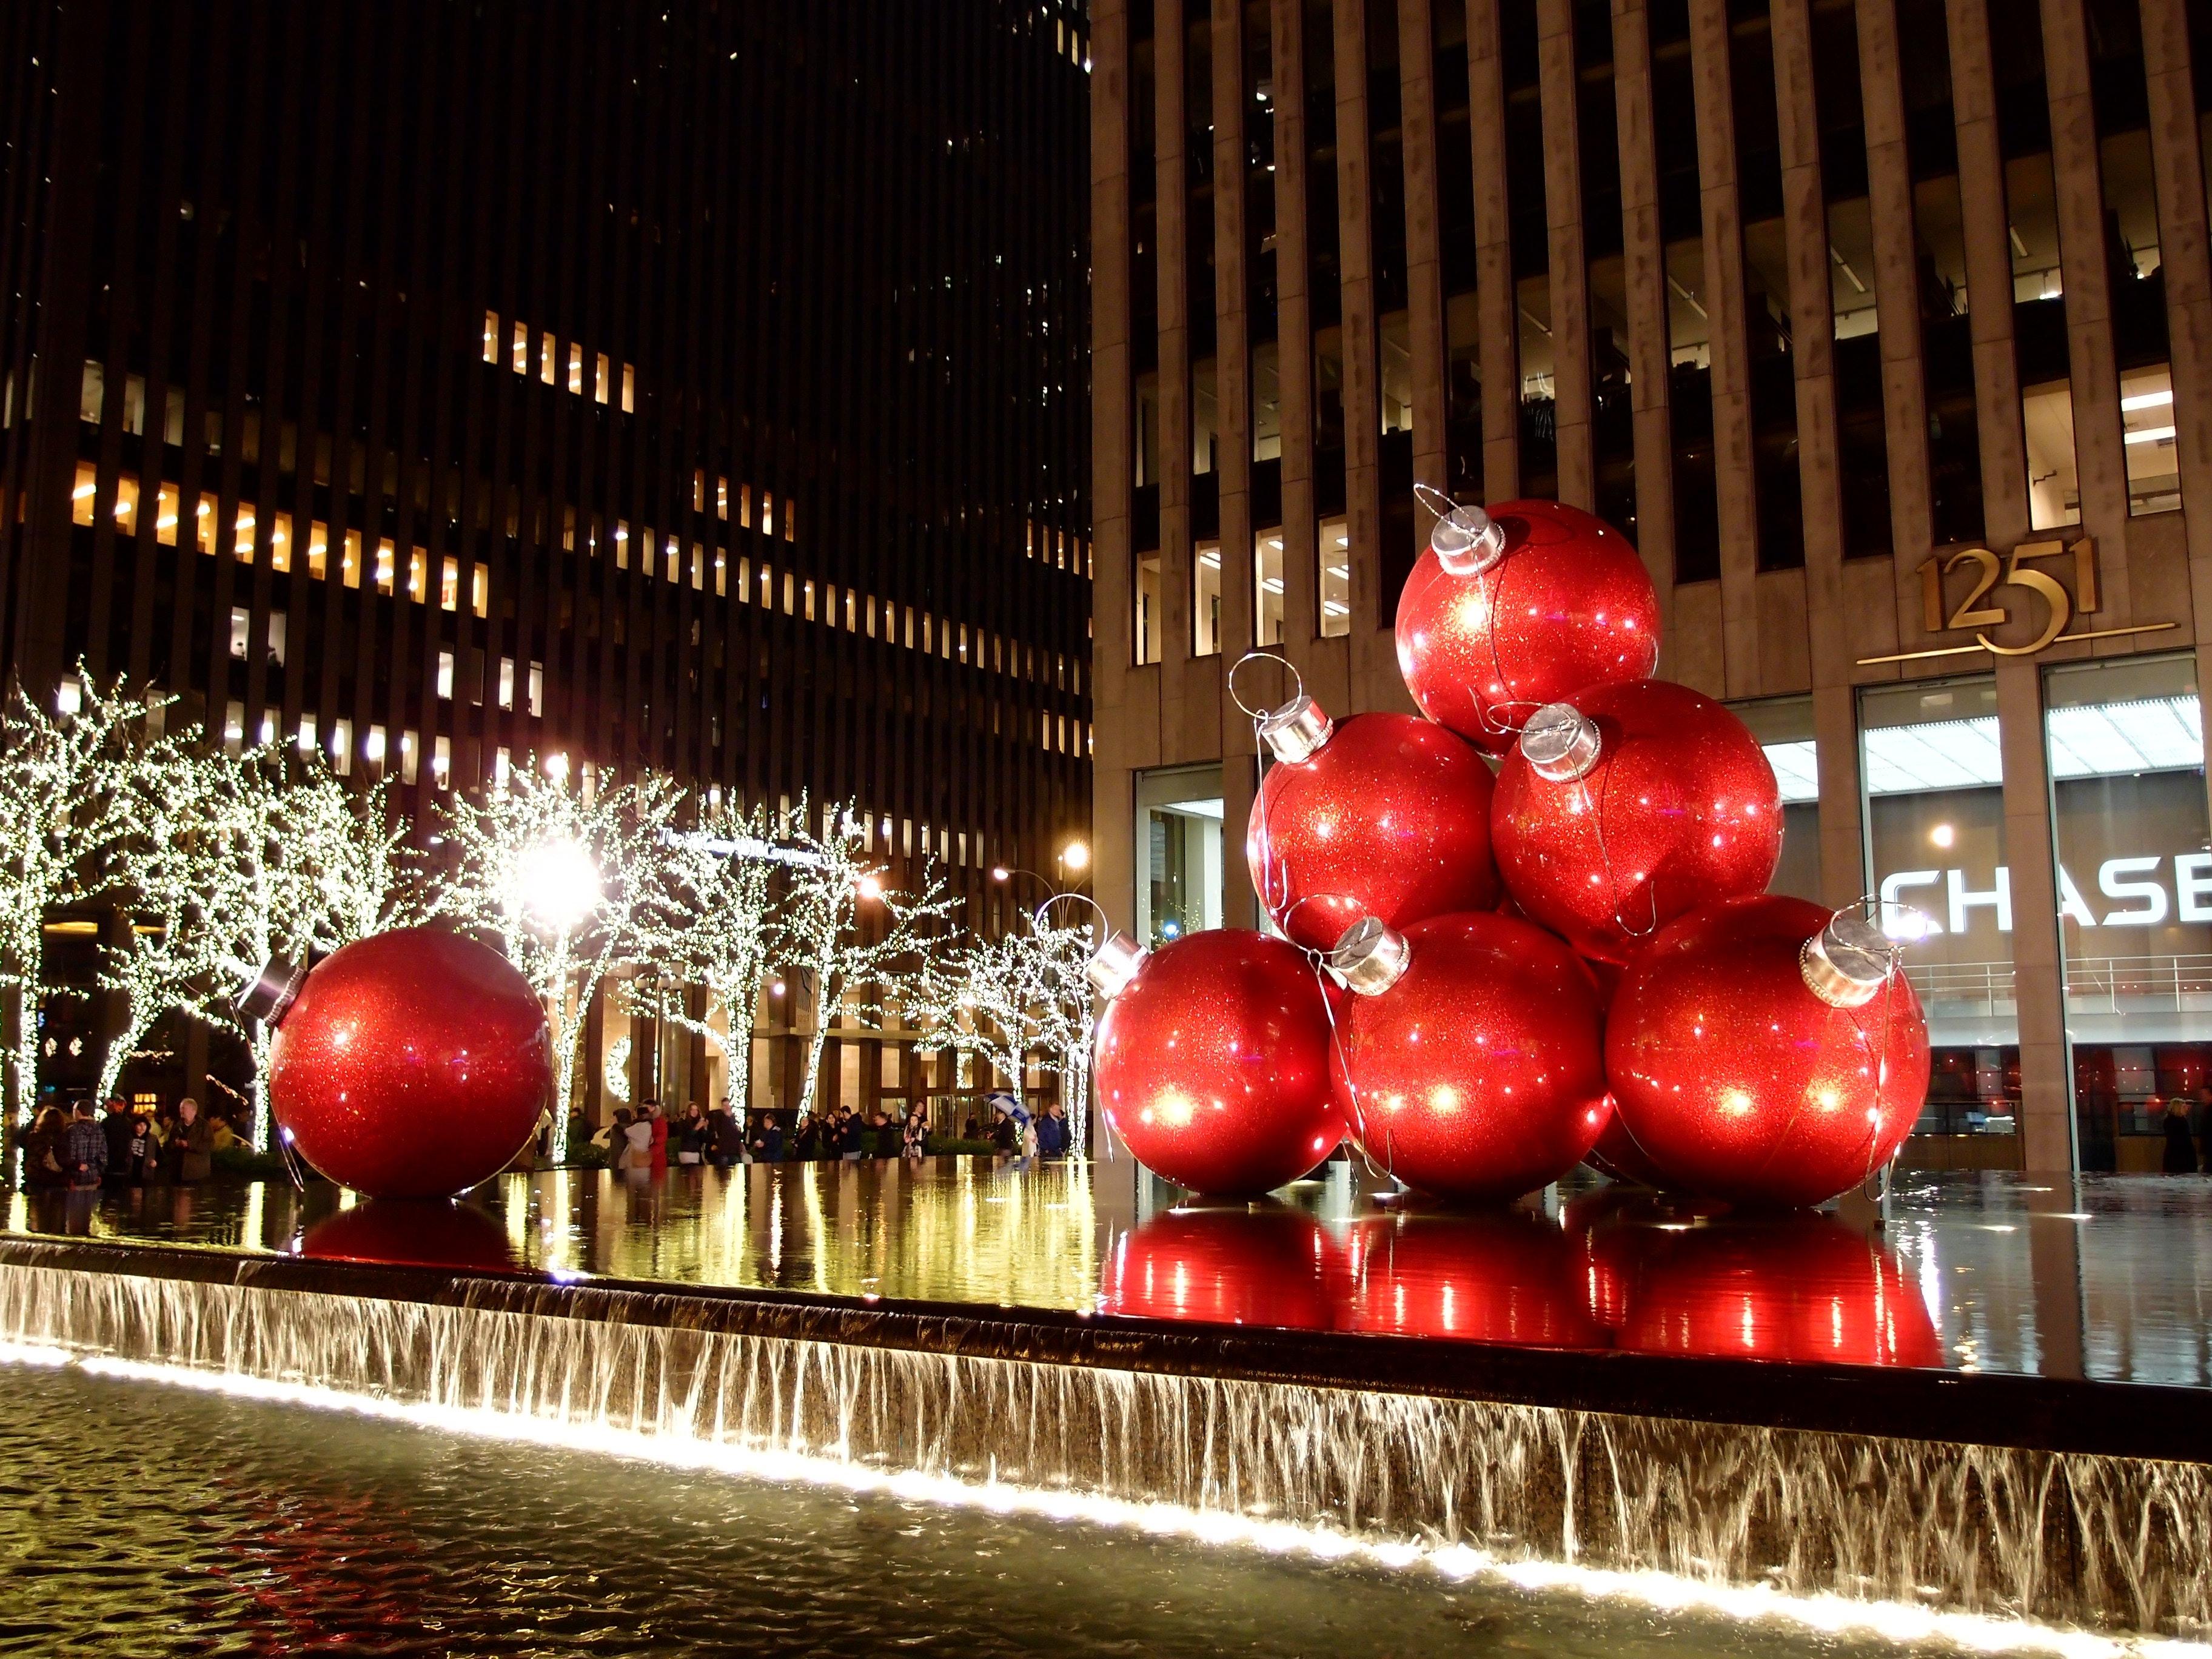 Kostenloses Foto zum Thema: nyc weihnachten, weihnachten in new york